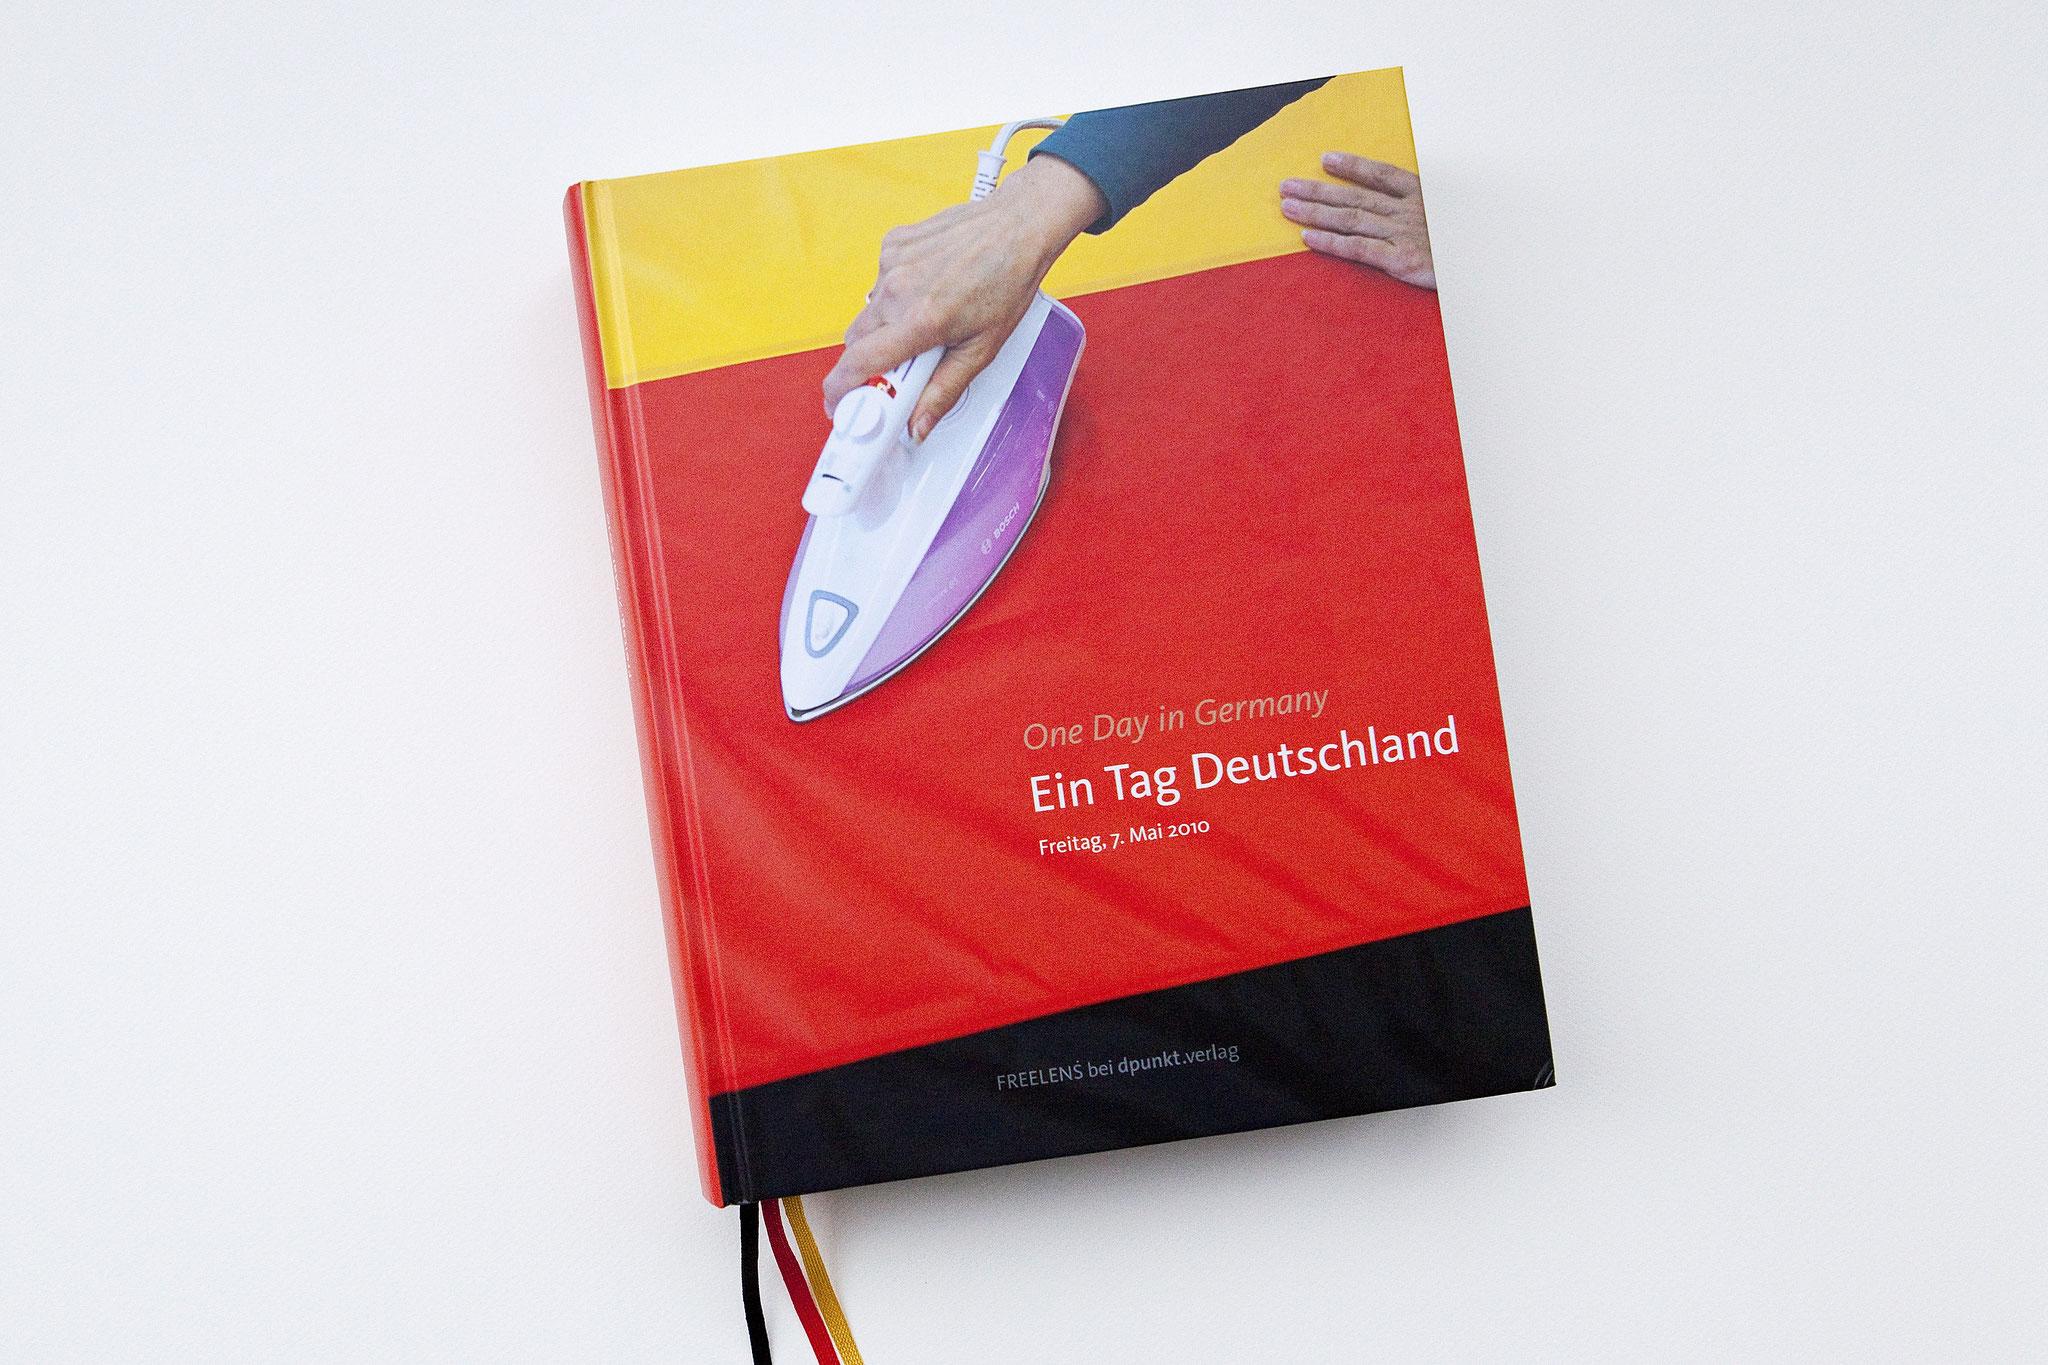 Nominiert für den deutschen Fotobuchpreis.